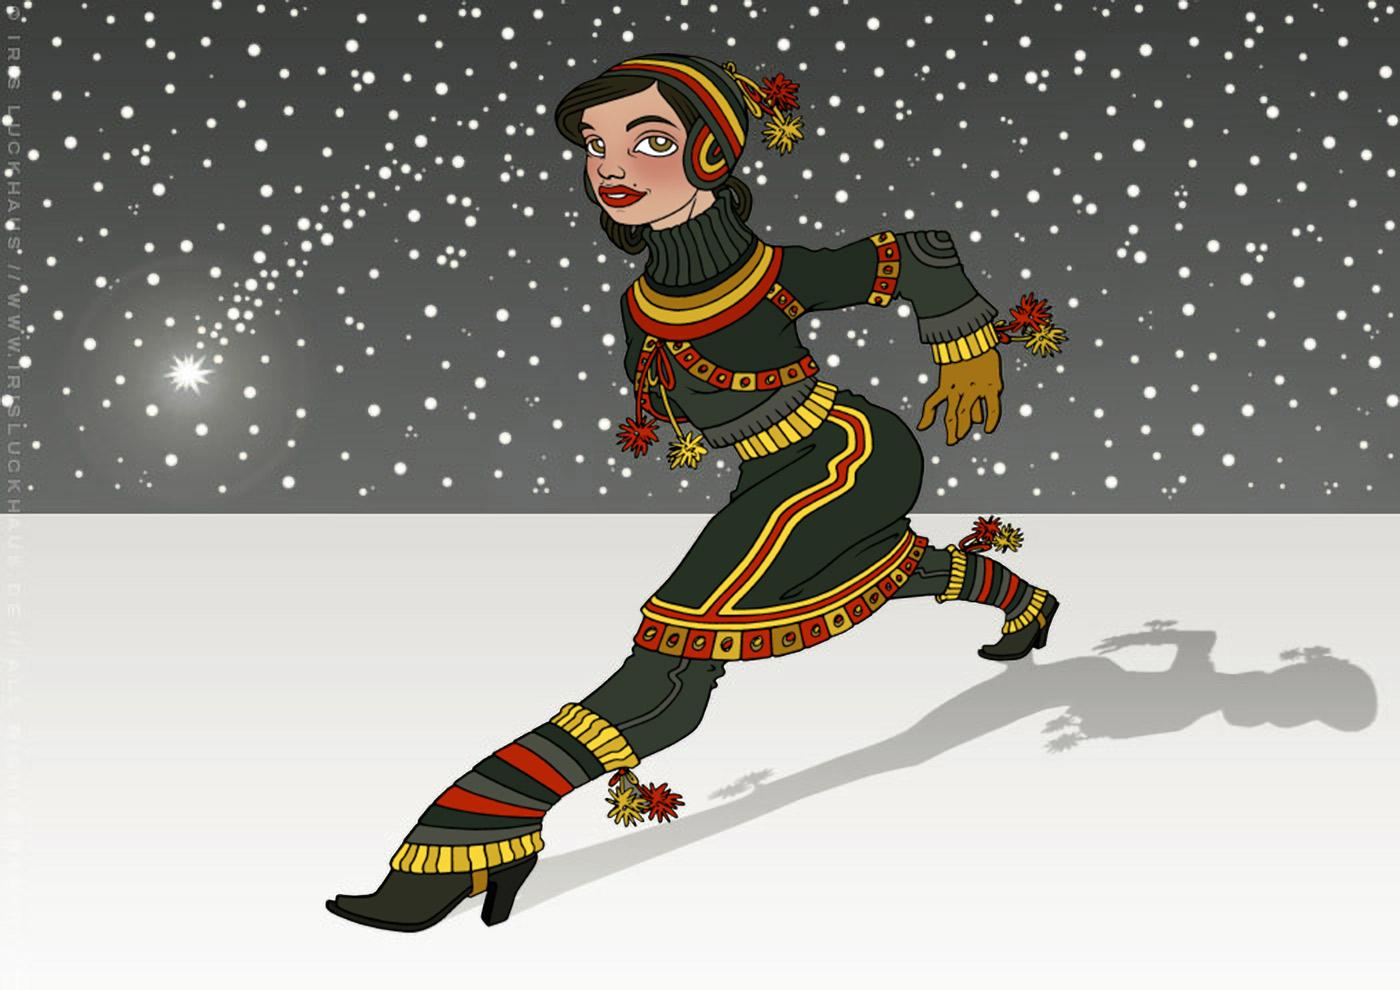 Zeichnung von einem Mädchen in Sami Tracht, das vor einem Himmel voller Schneeflocken und Sternschnuppen in großen Schritten über einen gefrorenen See im Winter geht